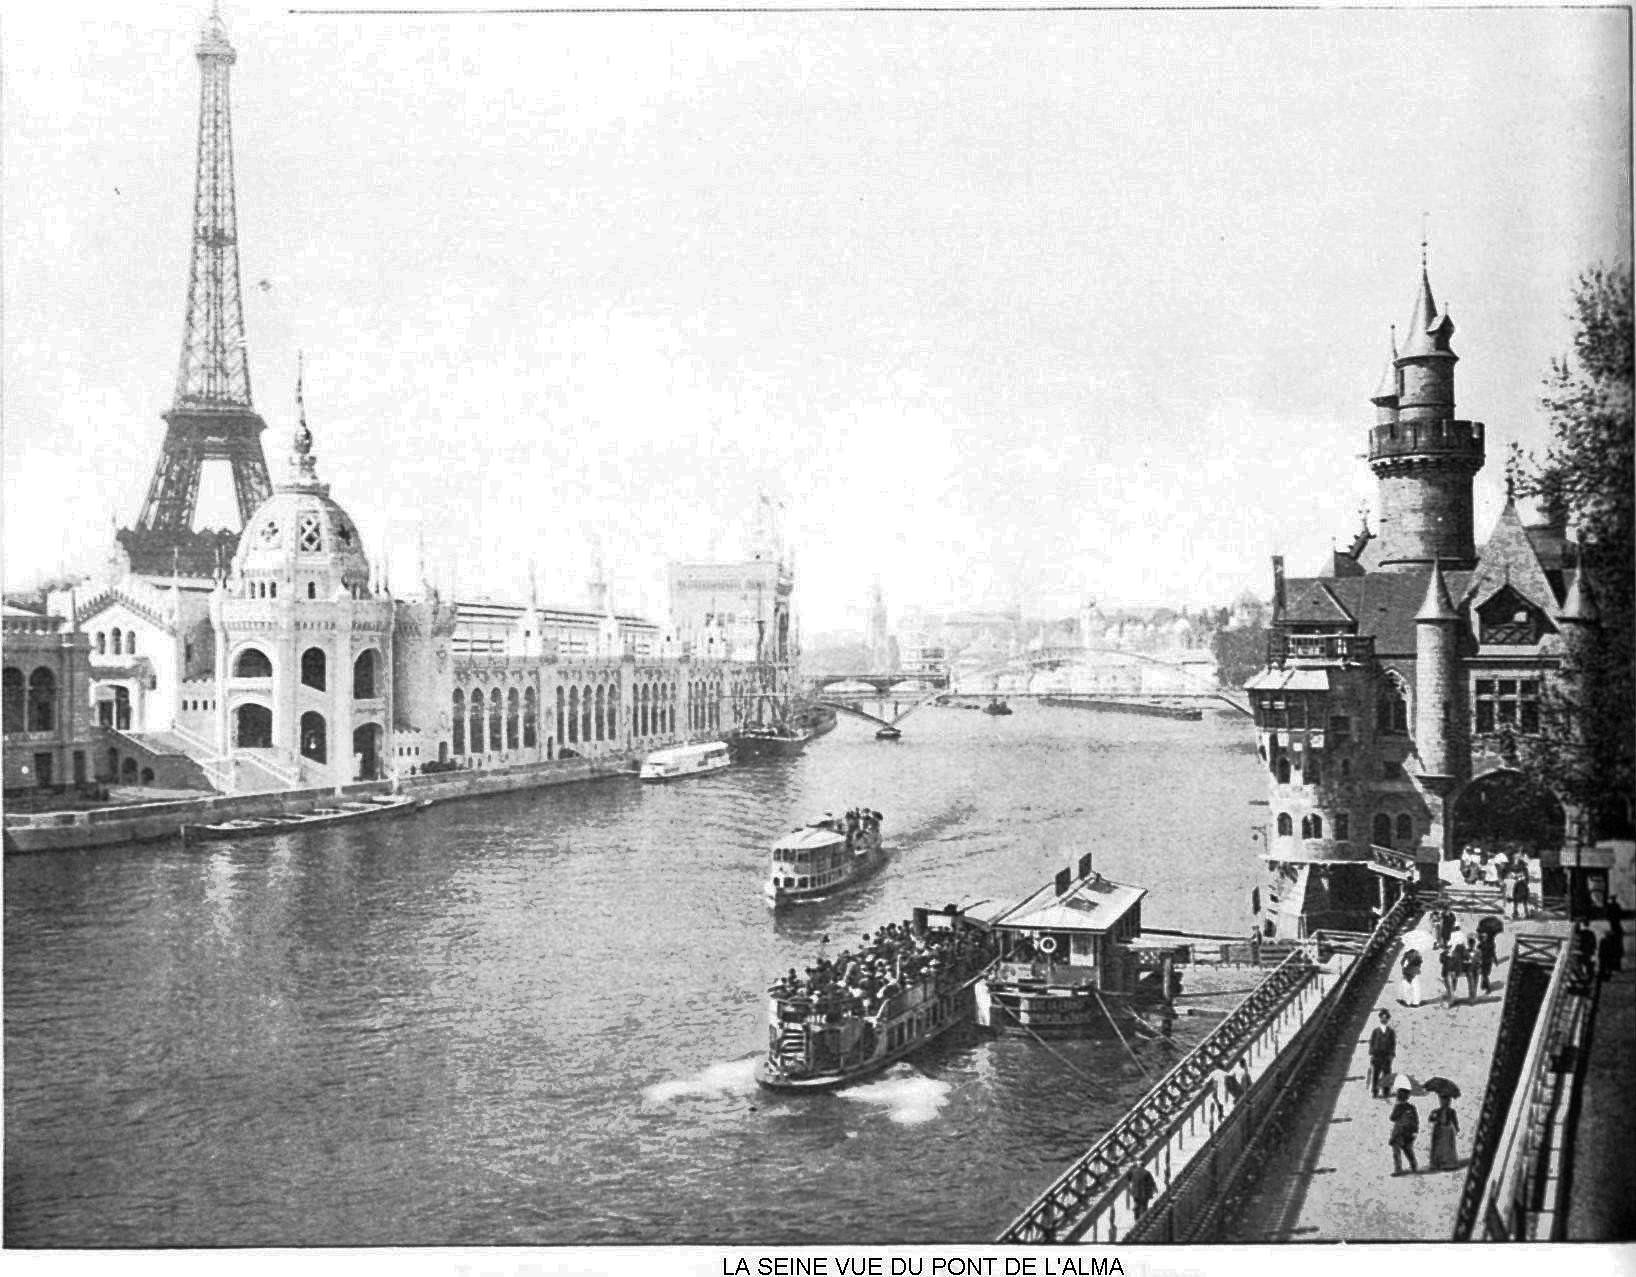 Ressources histoire exposition universelle 1900 la seine vue du pont de l alma